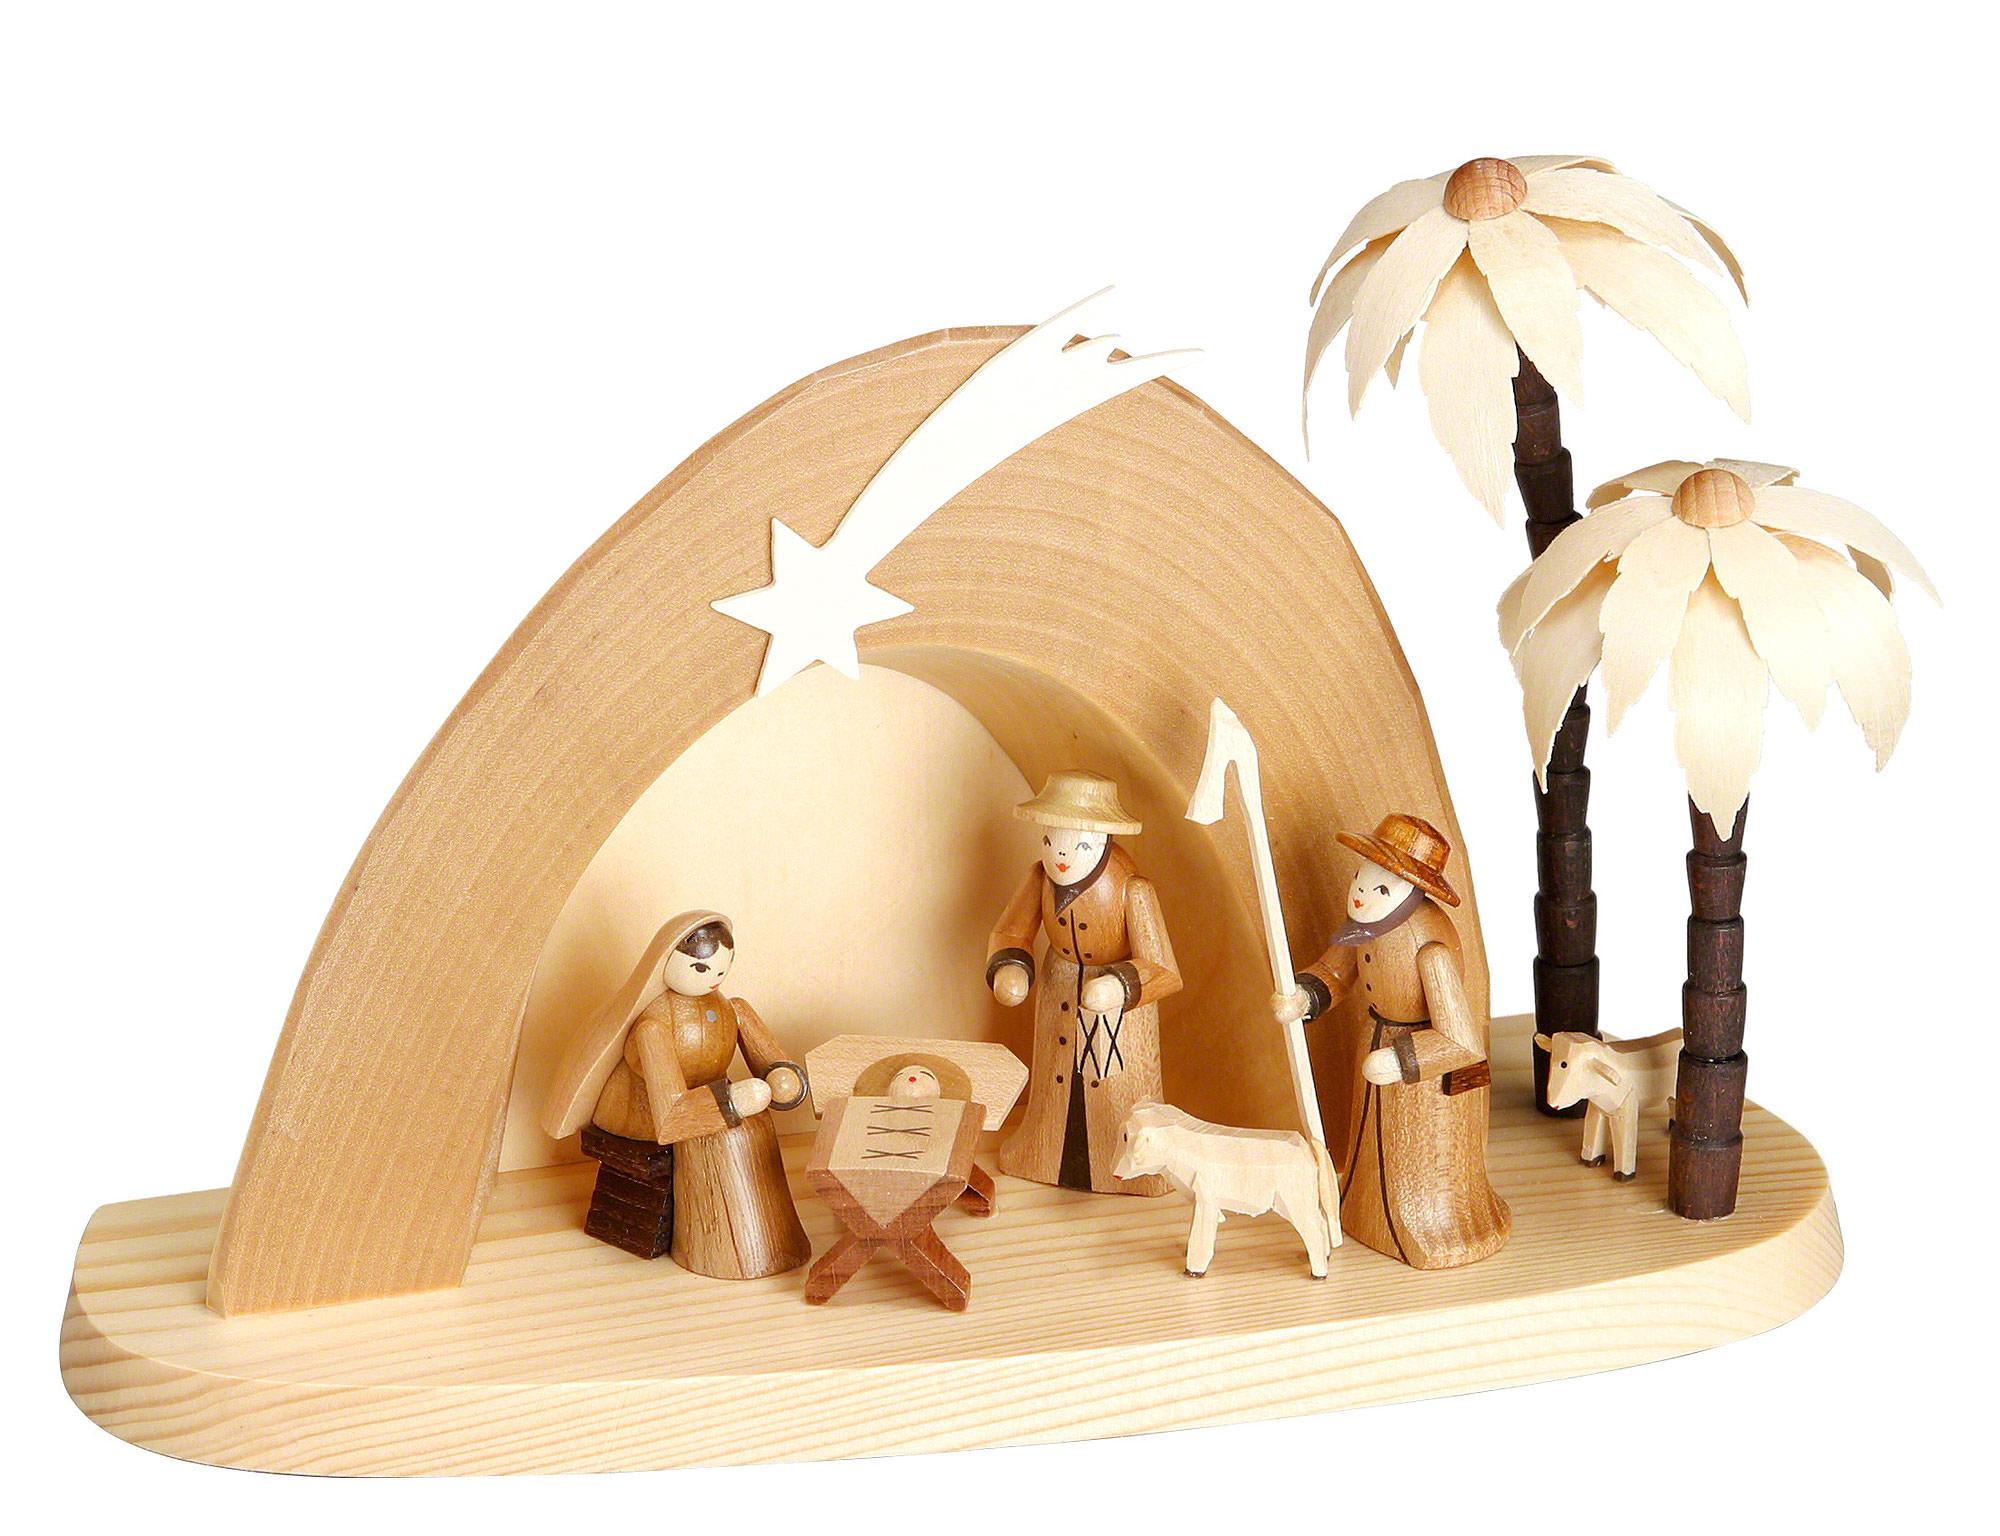 Weihnachtskrippe grotte 15 cm von theo lorenz - Krippe modern holz ...